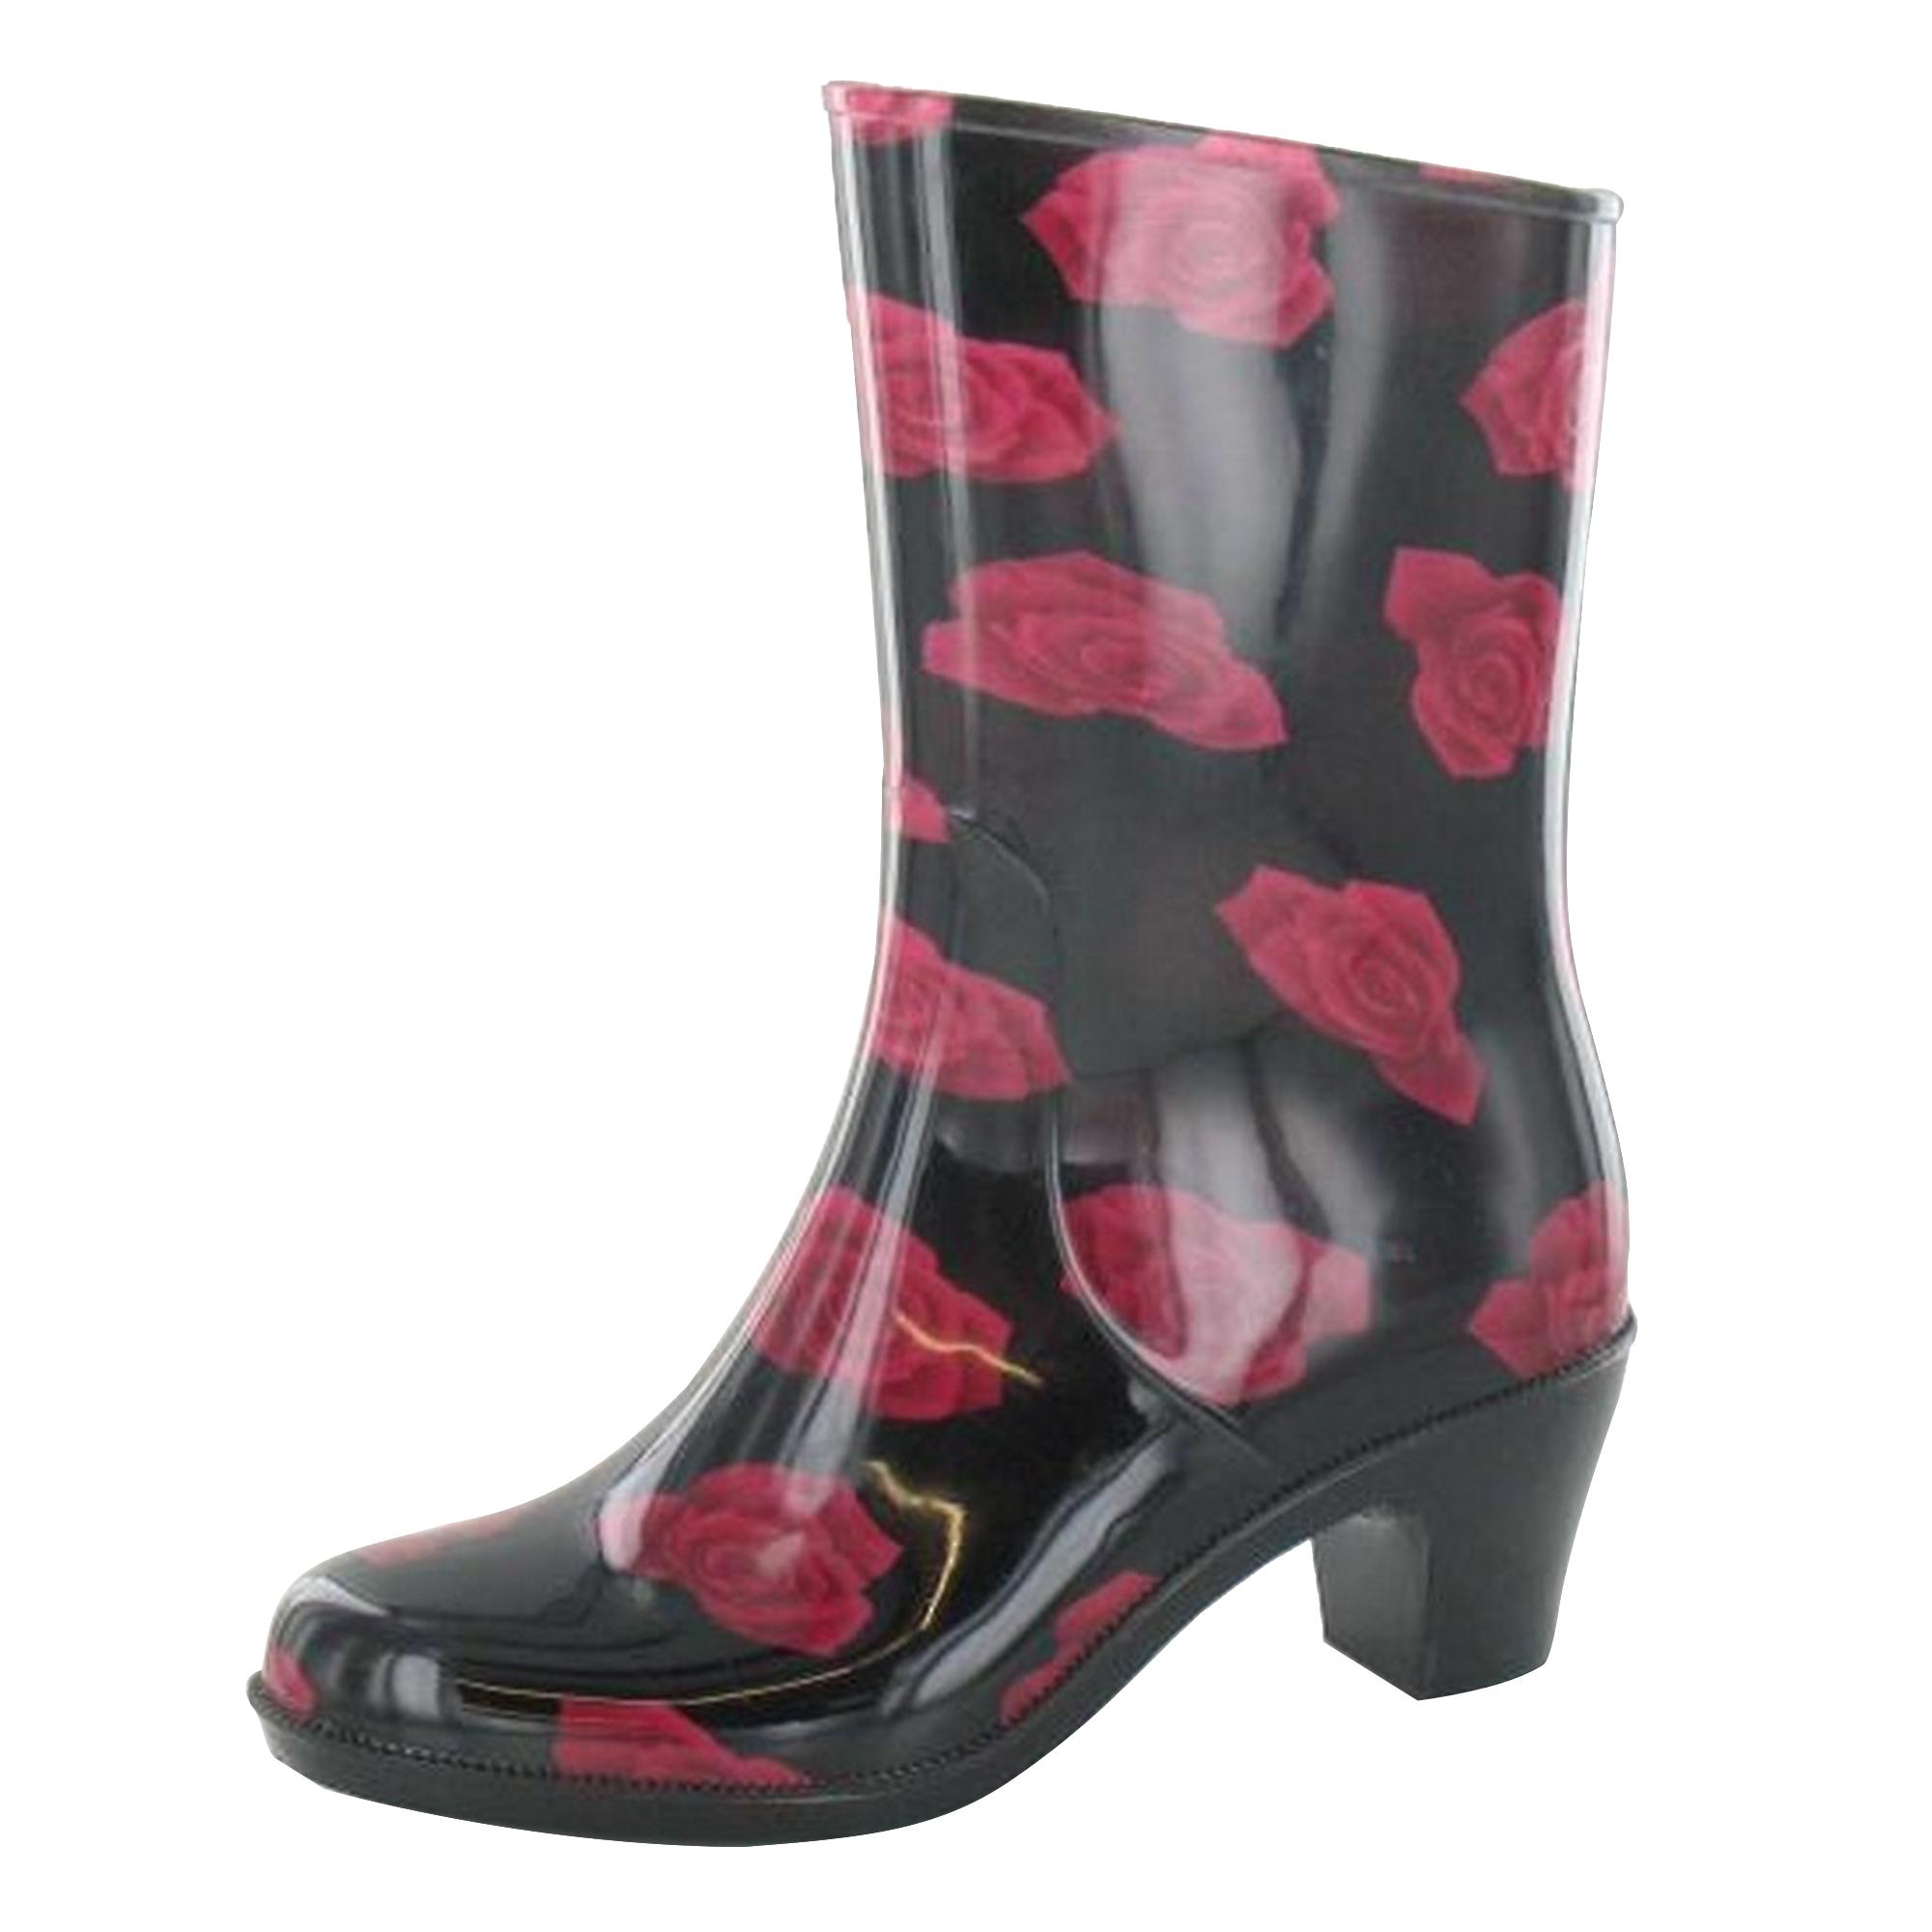 Spot-On-Stivali-con-tacco-e-fantasia-di-rose-Donna